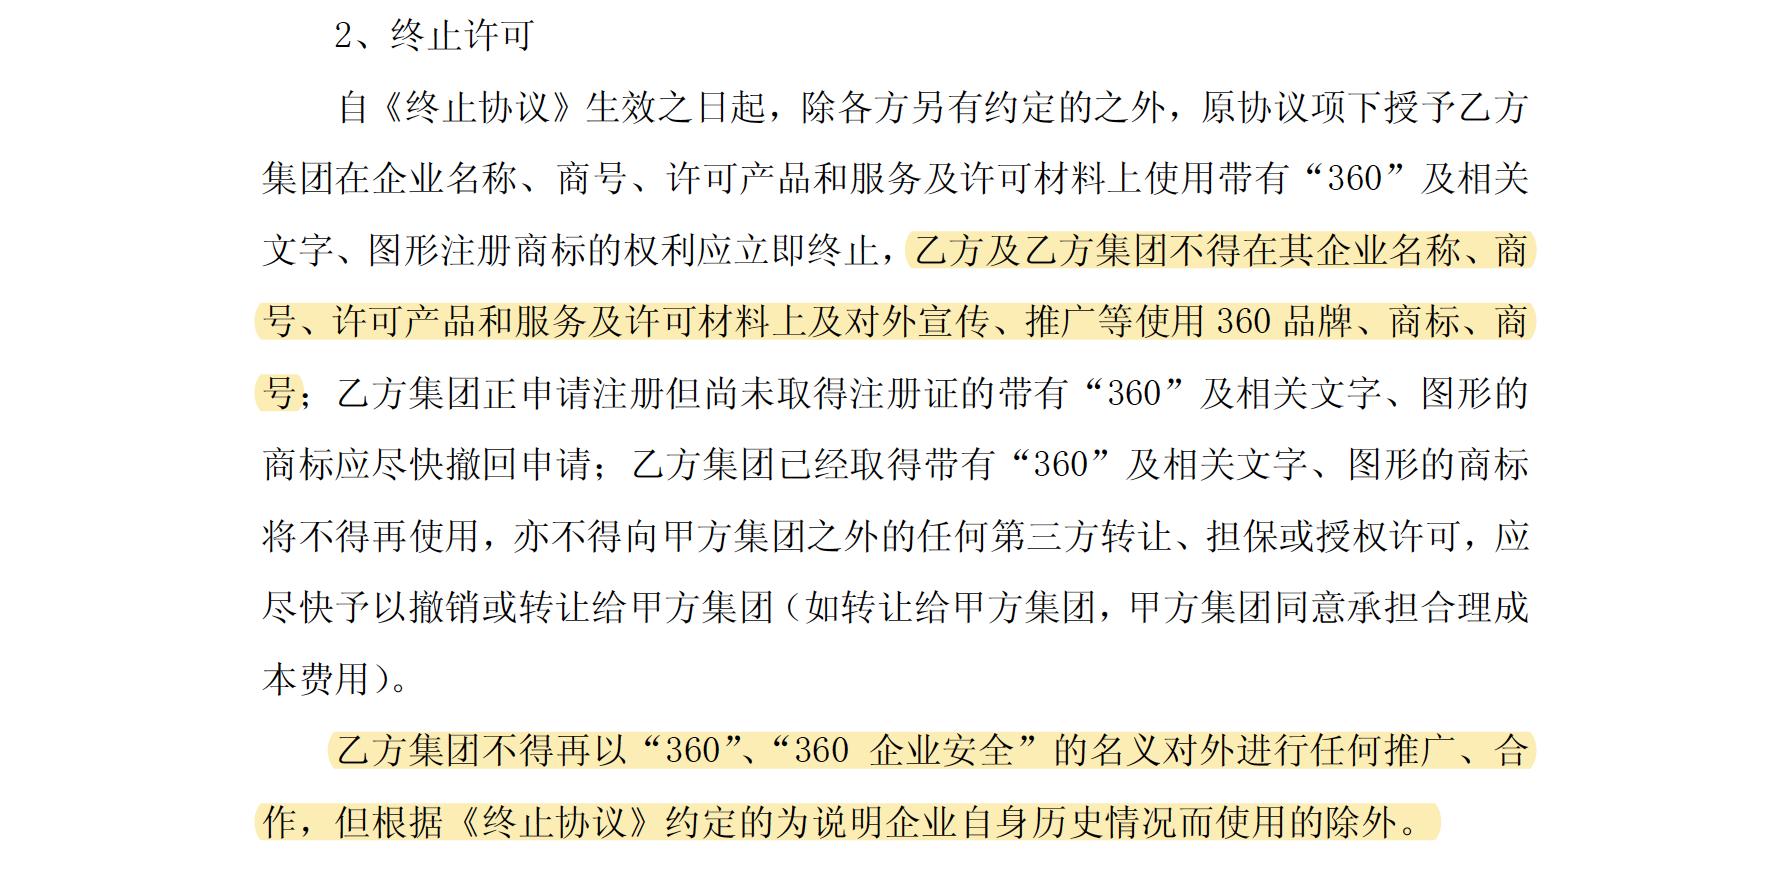 江湖再无360企业安全?齐向东与周鸿祎分道扬镳-互联网之家